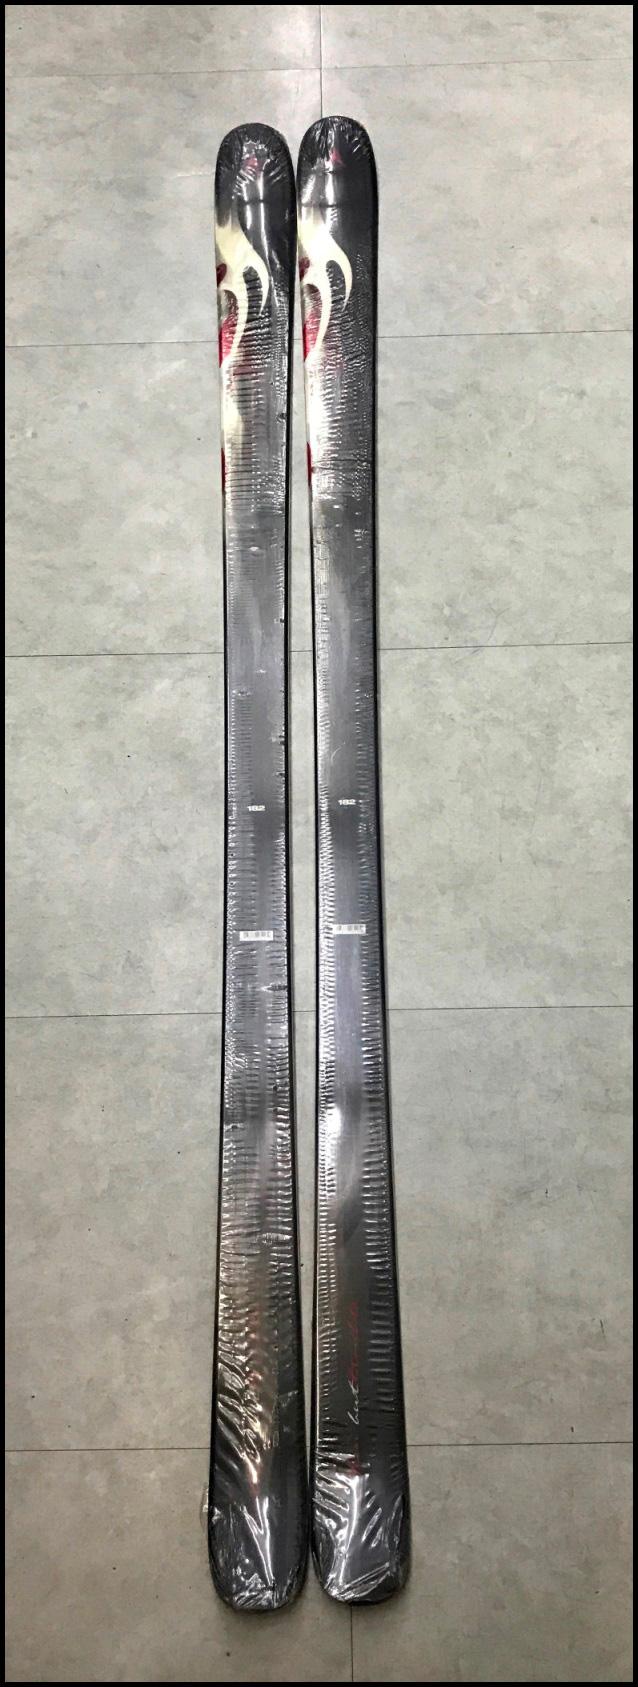 ≪大特価!!≫[☆大特価商品☆]<DYNASTAR>スキー板 NOTHIN'BUT TROUBLE 112-78-102mm R=18m 182cm